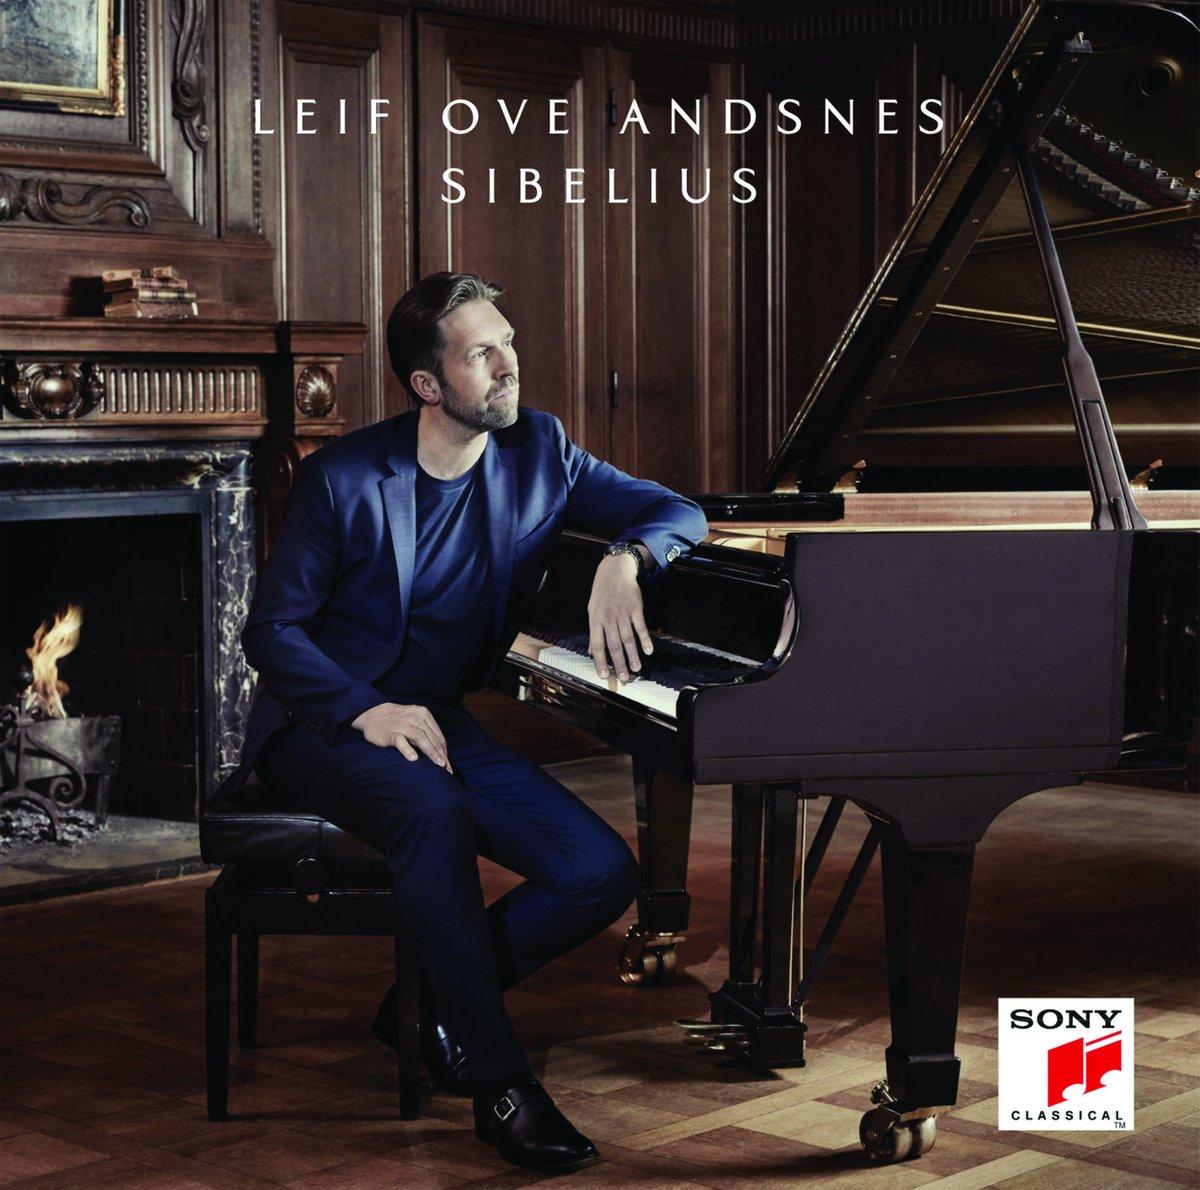 Lief Ove Andsnes